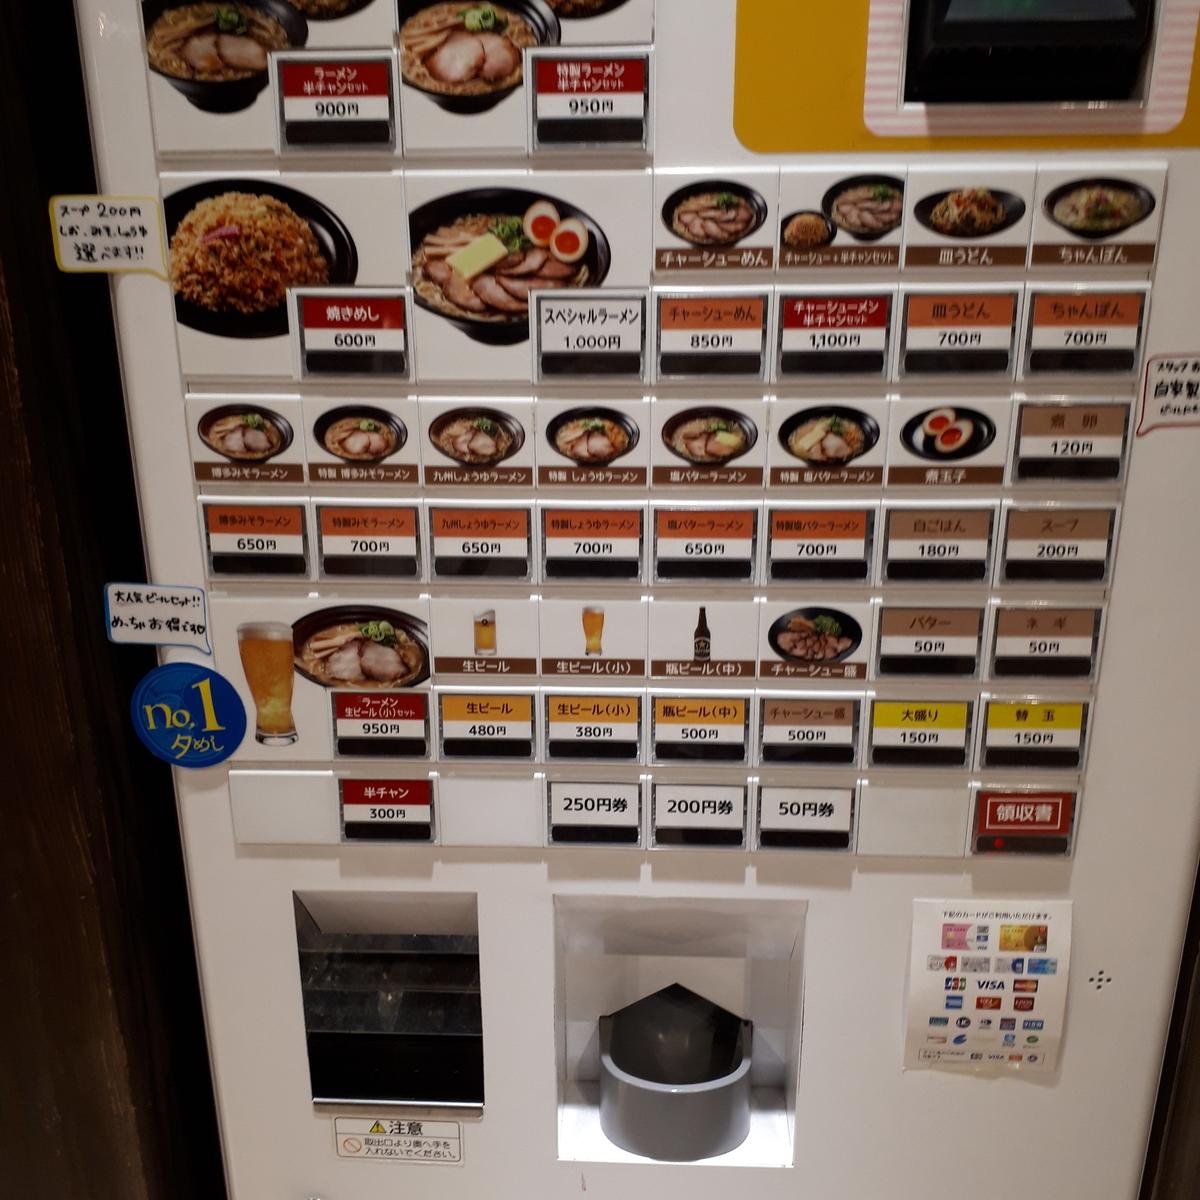 どさんこ 食券販売機